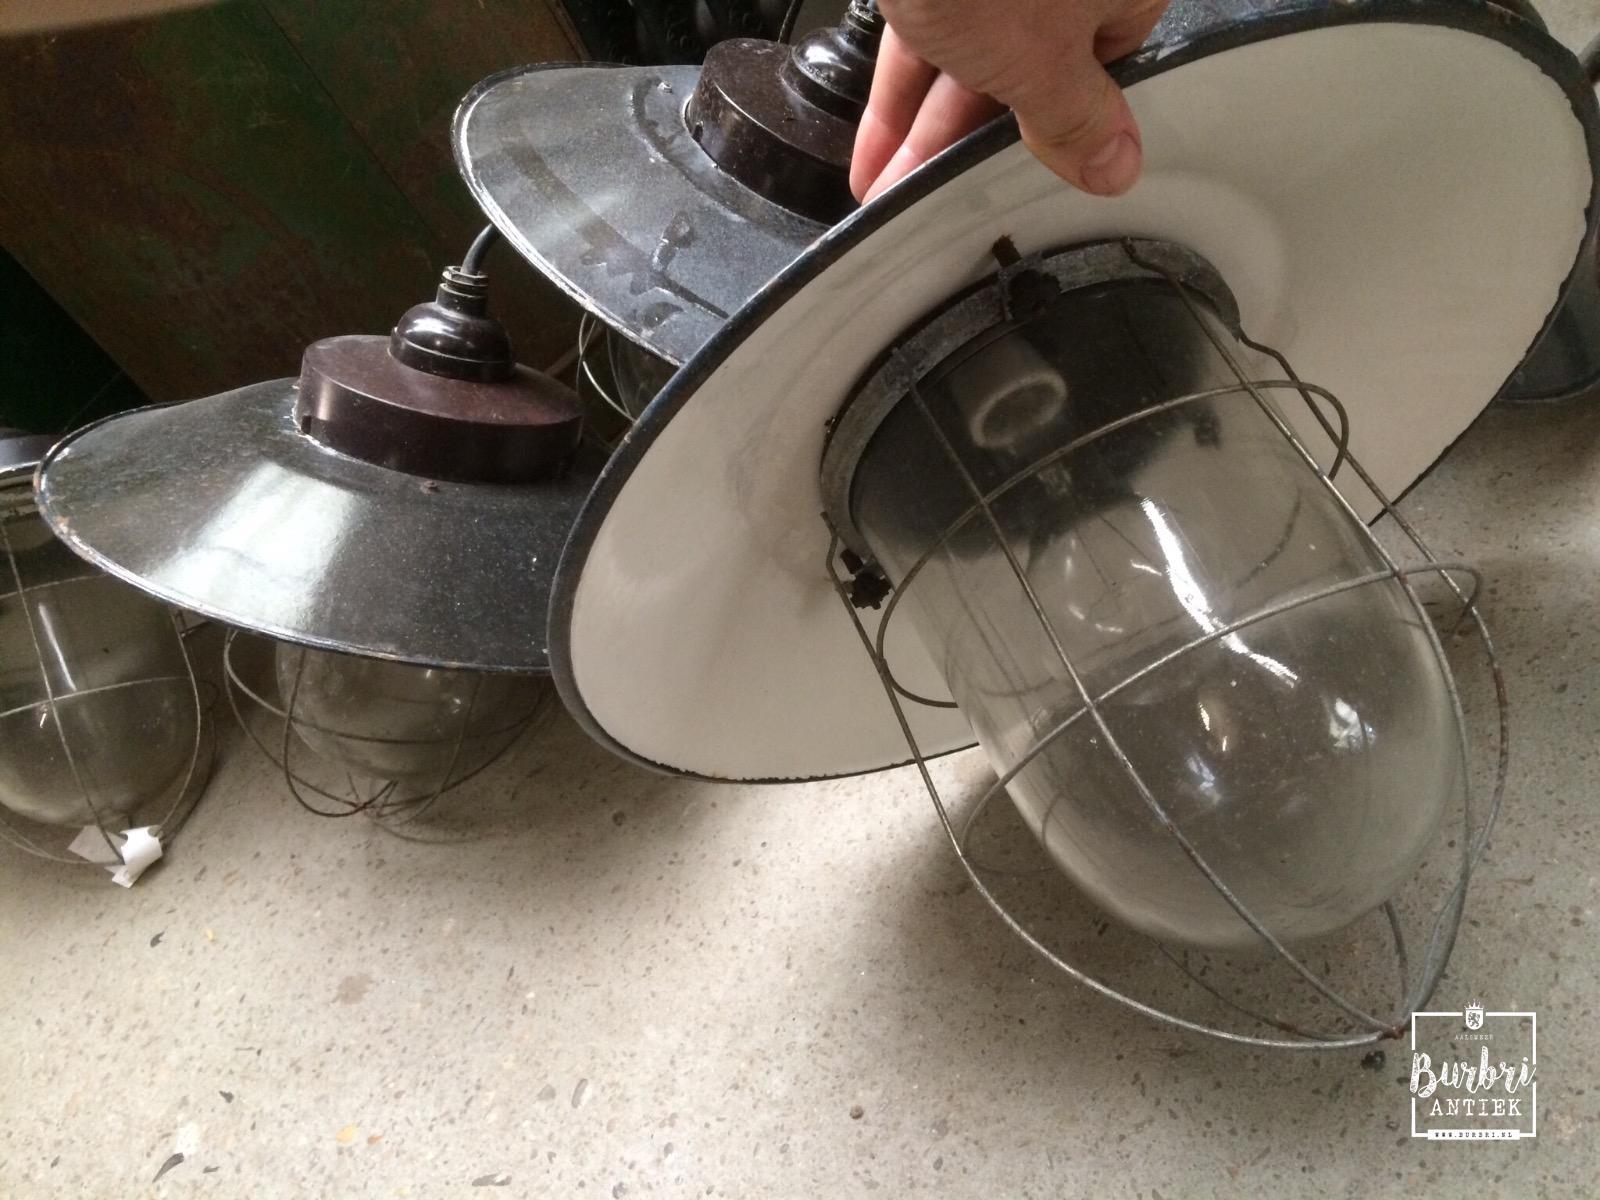 Hanglamp Meerdere Lampen : Lampen kaufen finden sie ihre lampen bei lumidora